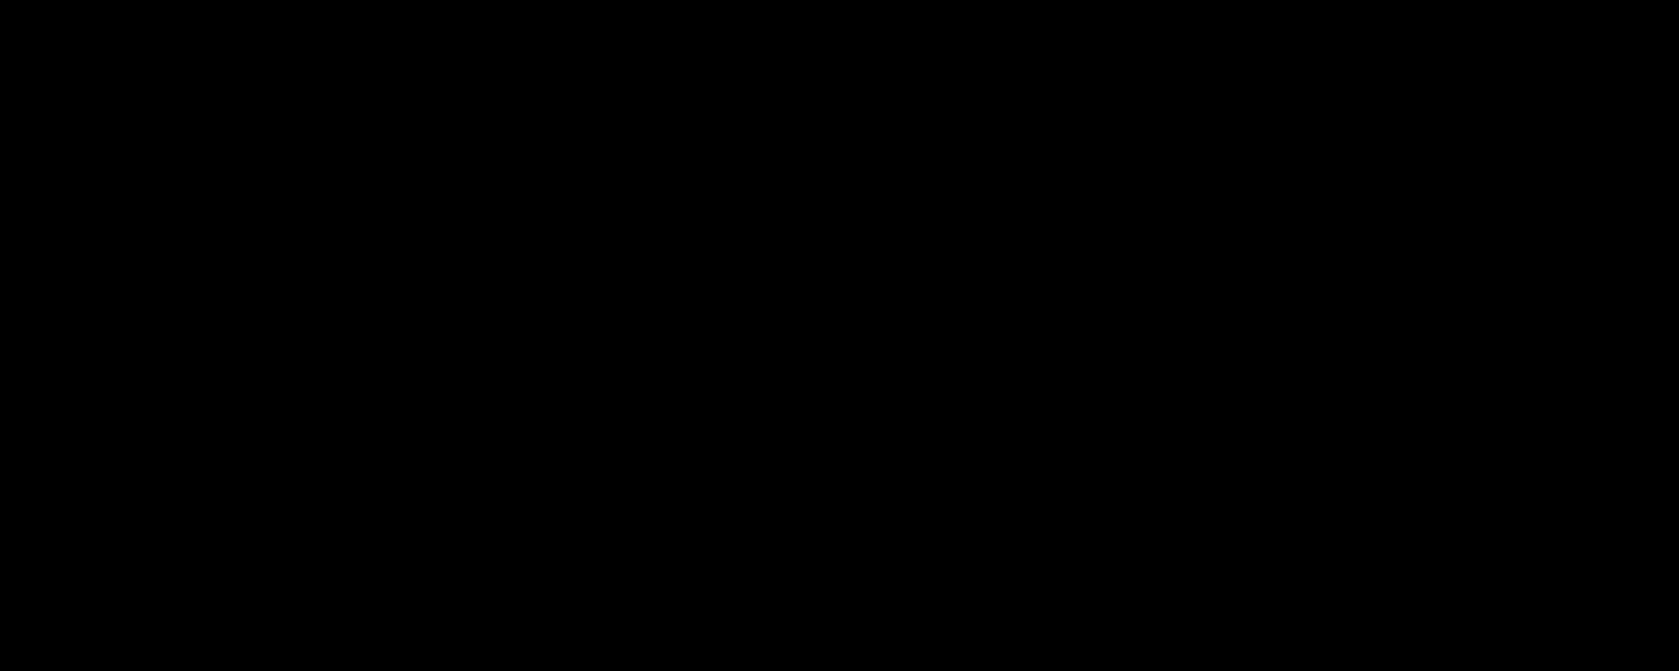 RDB Header logo Blacl.png